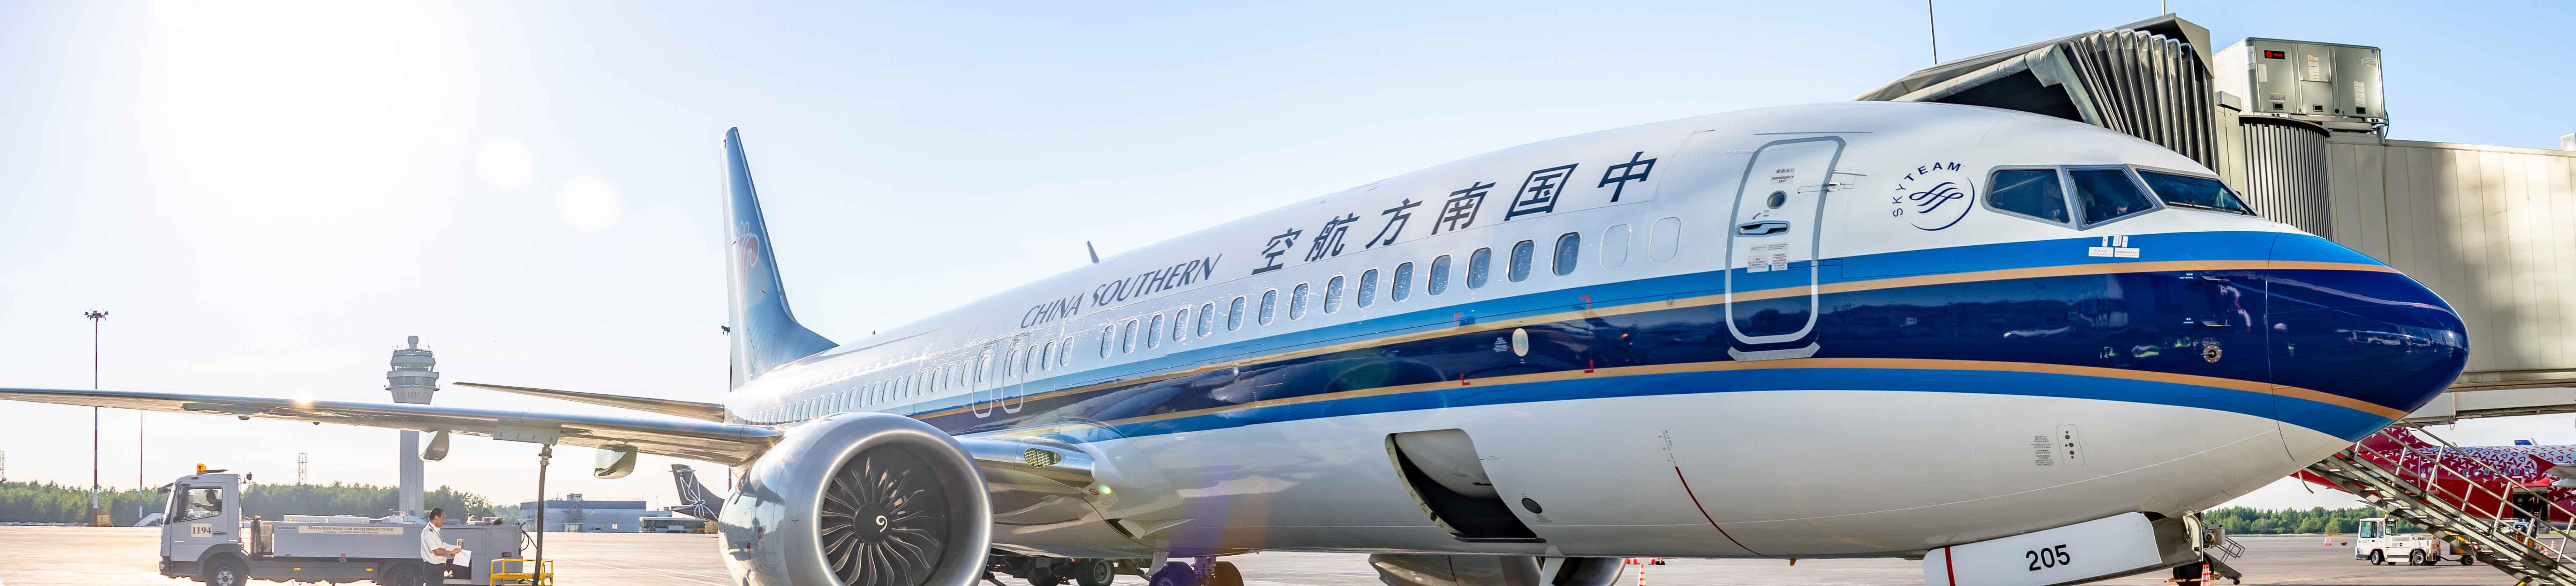 Arriver dans un aéroport en Chine au départ de France